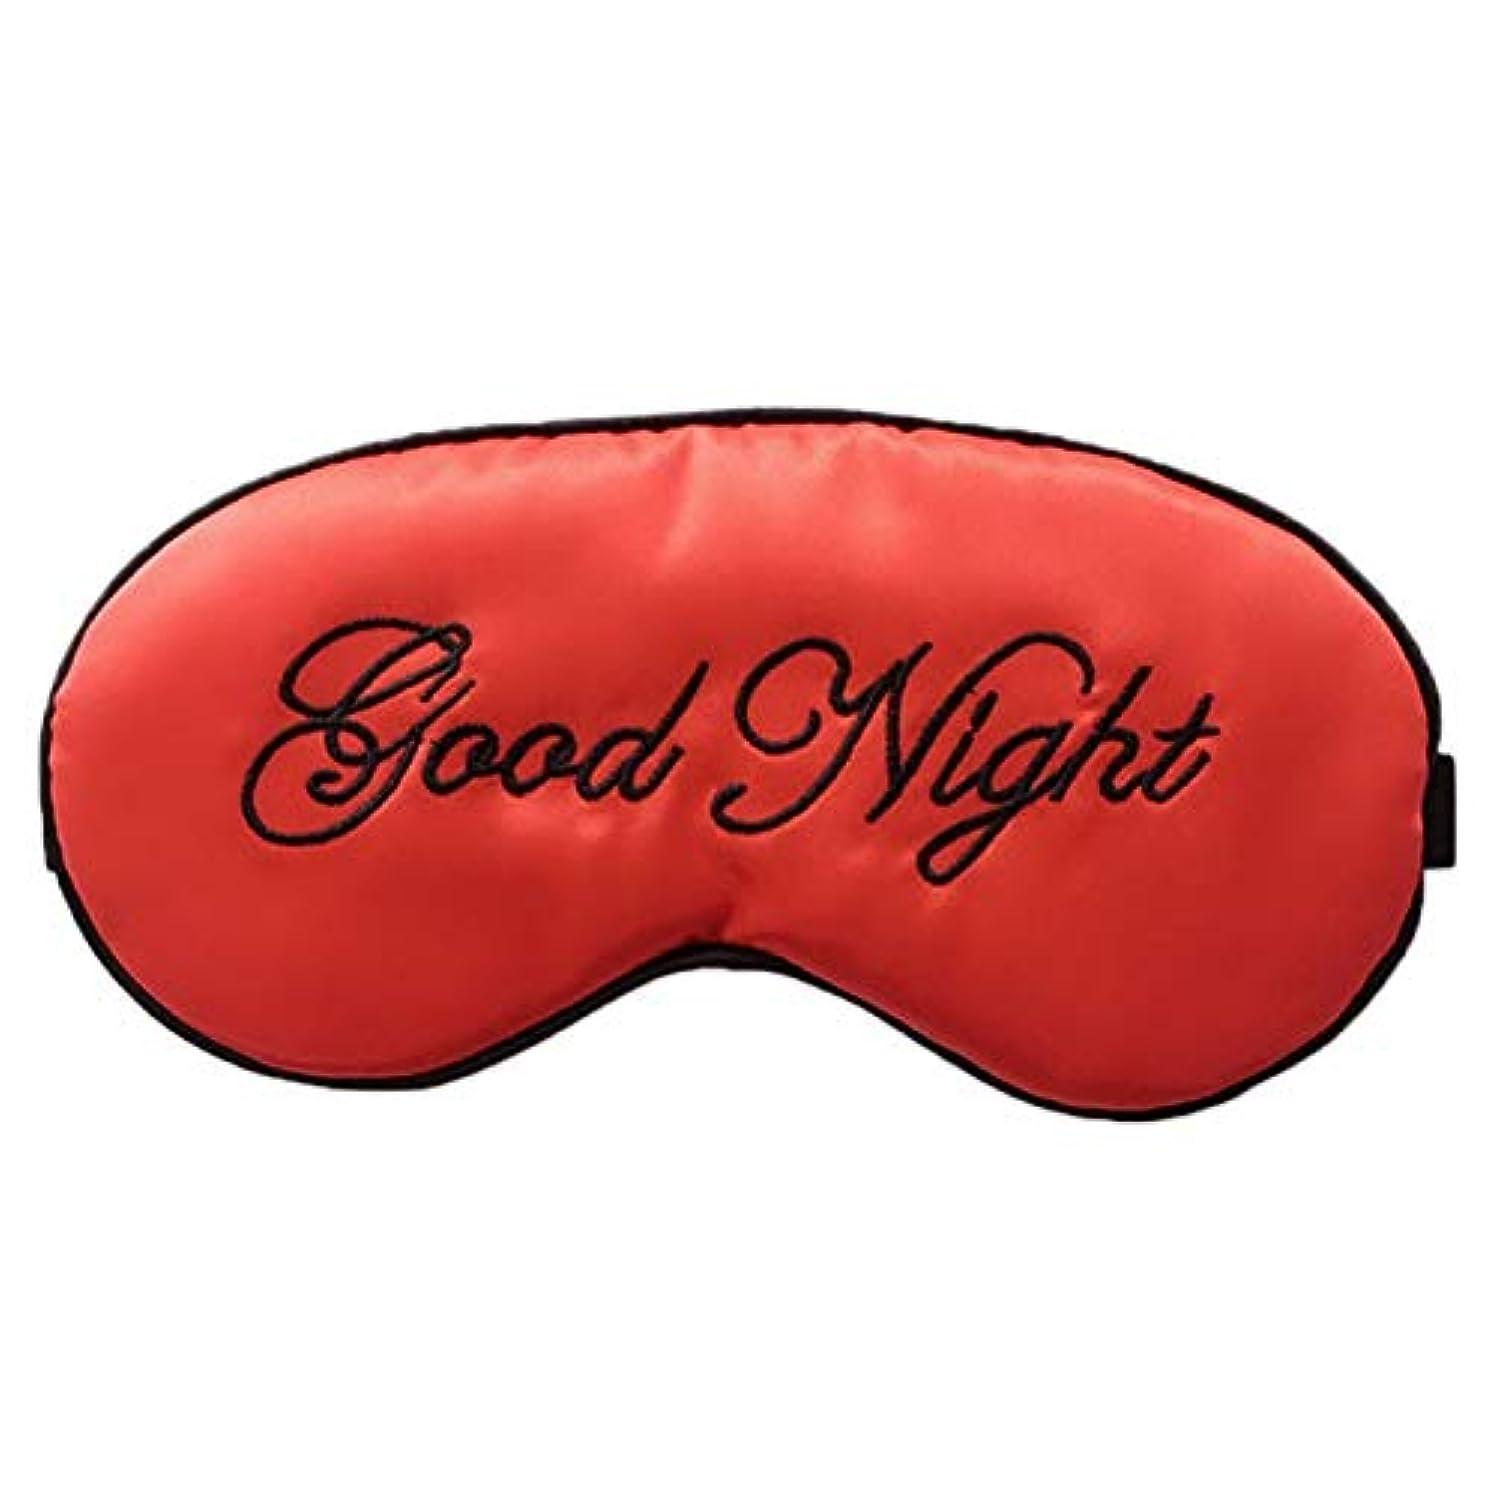 酸素価値ギャザーNOTE 女性の手紙刺繍アイマスク模造フェイクシルクパッド入り睡眠シェードカバー旅行ポータブルパーソナルヘルスケア睡眠